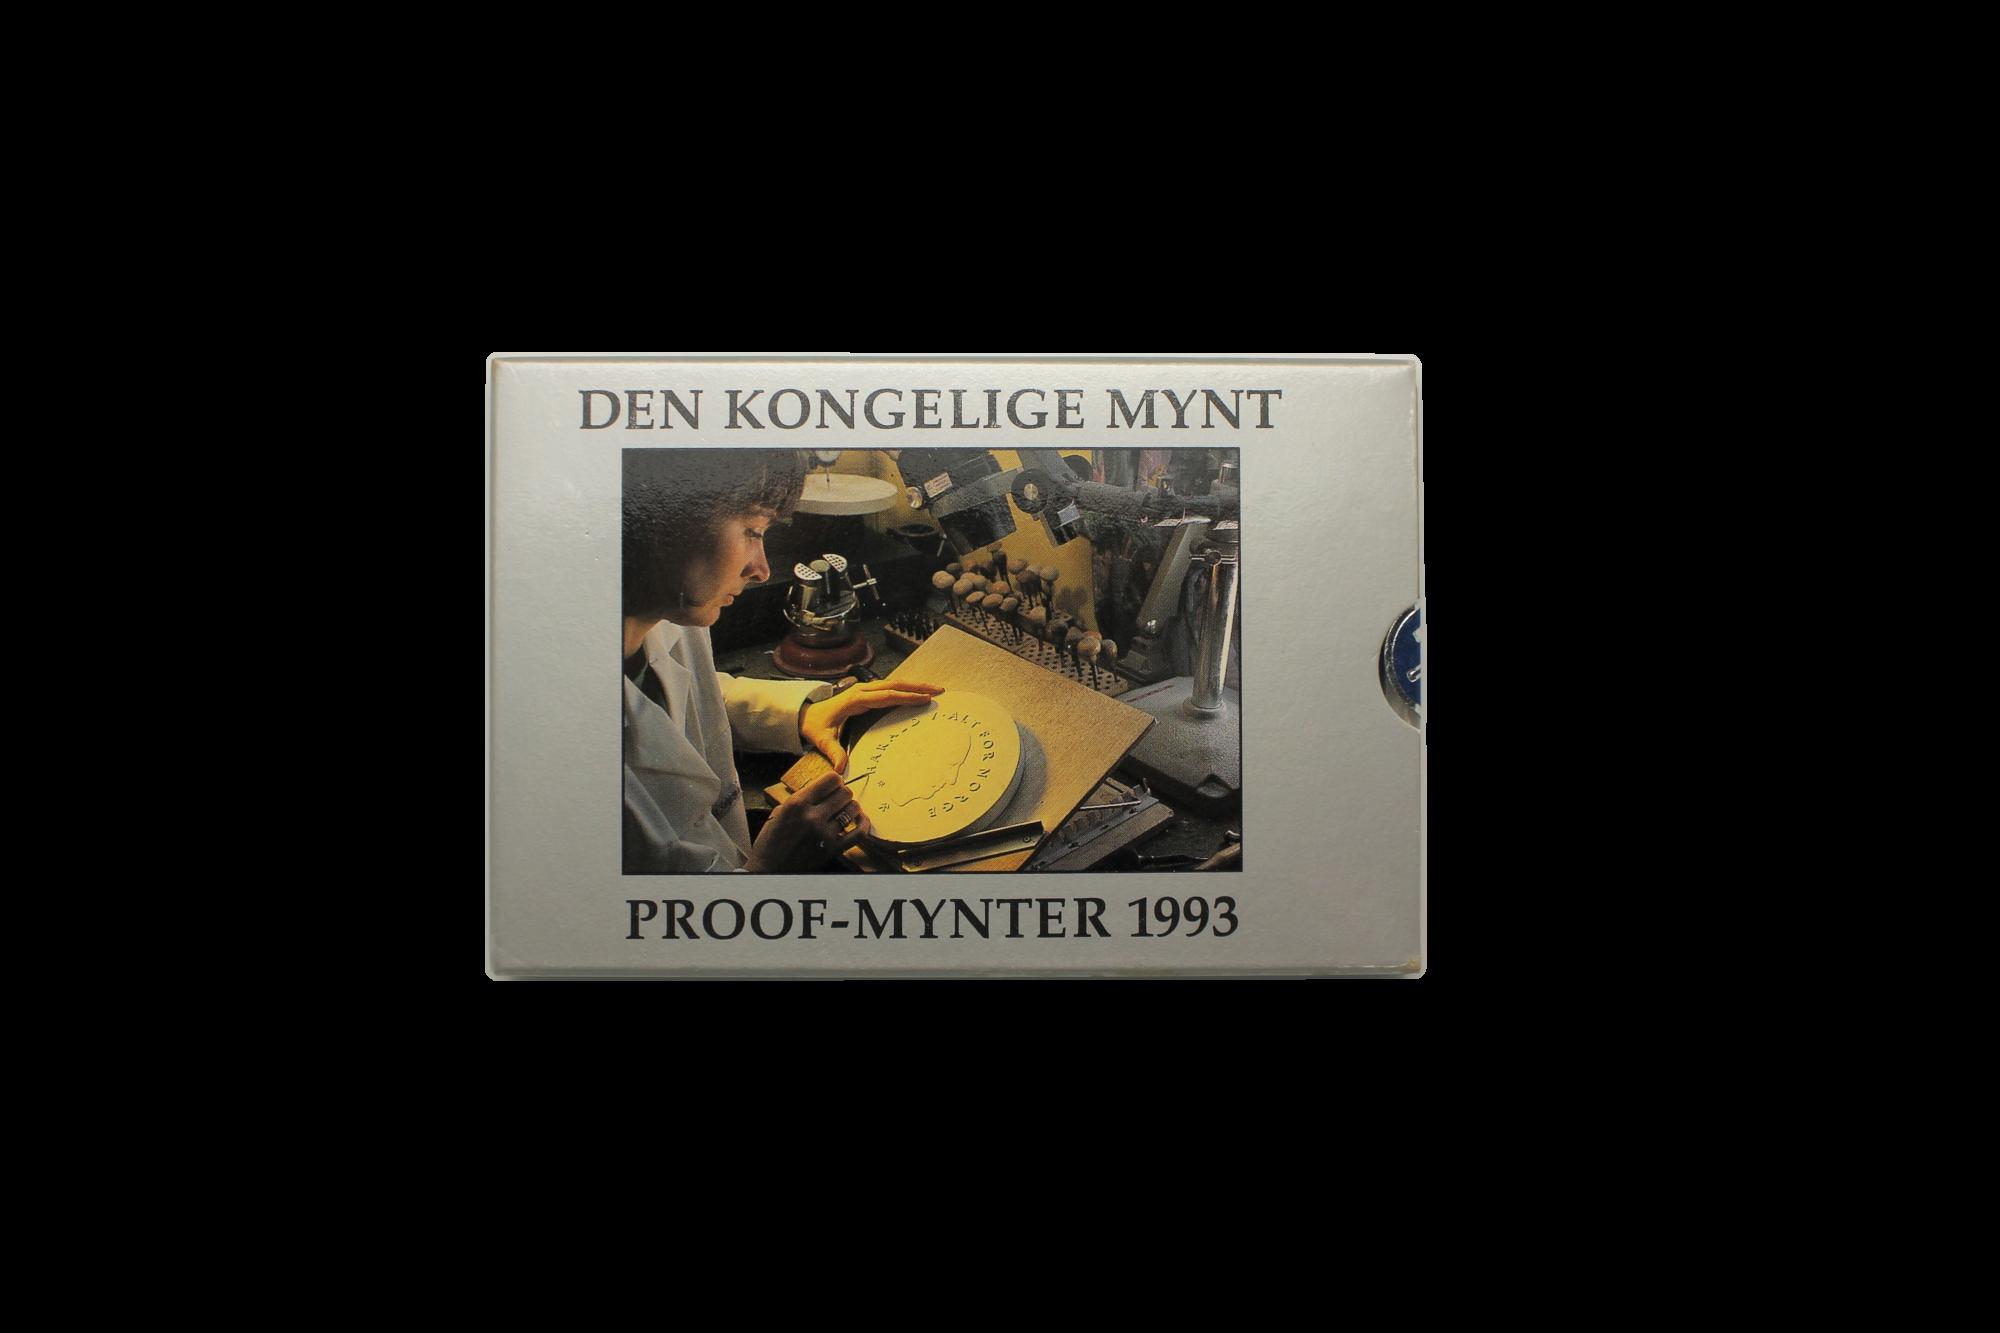 Proofsett 1993 forside innpakning